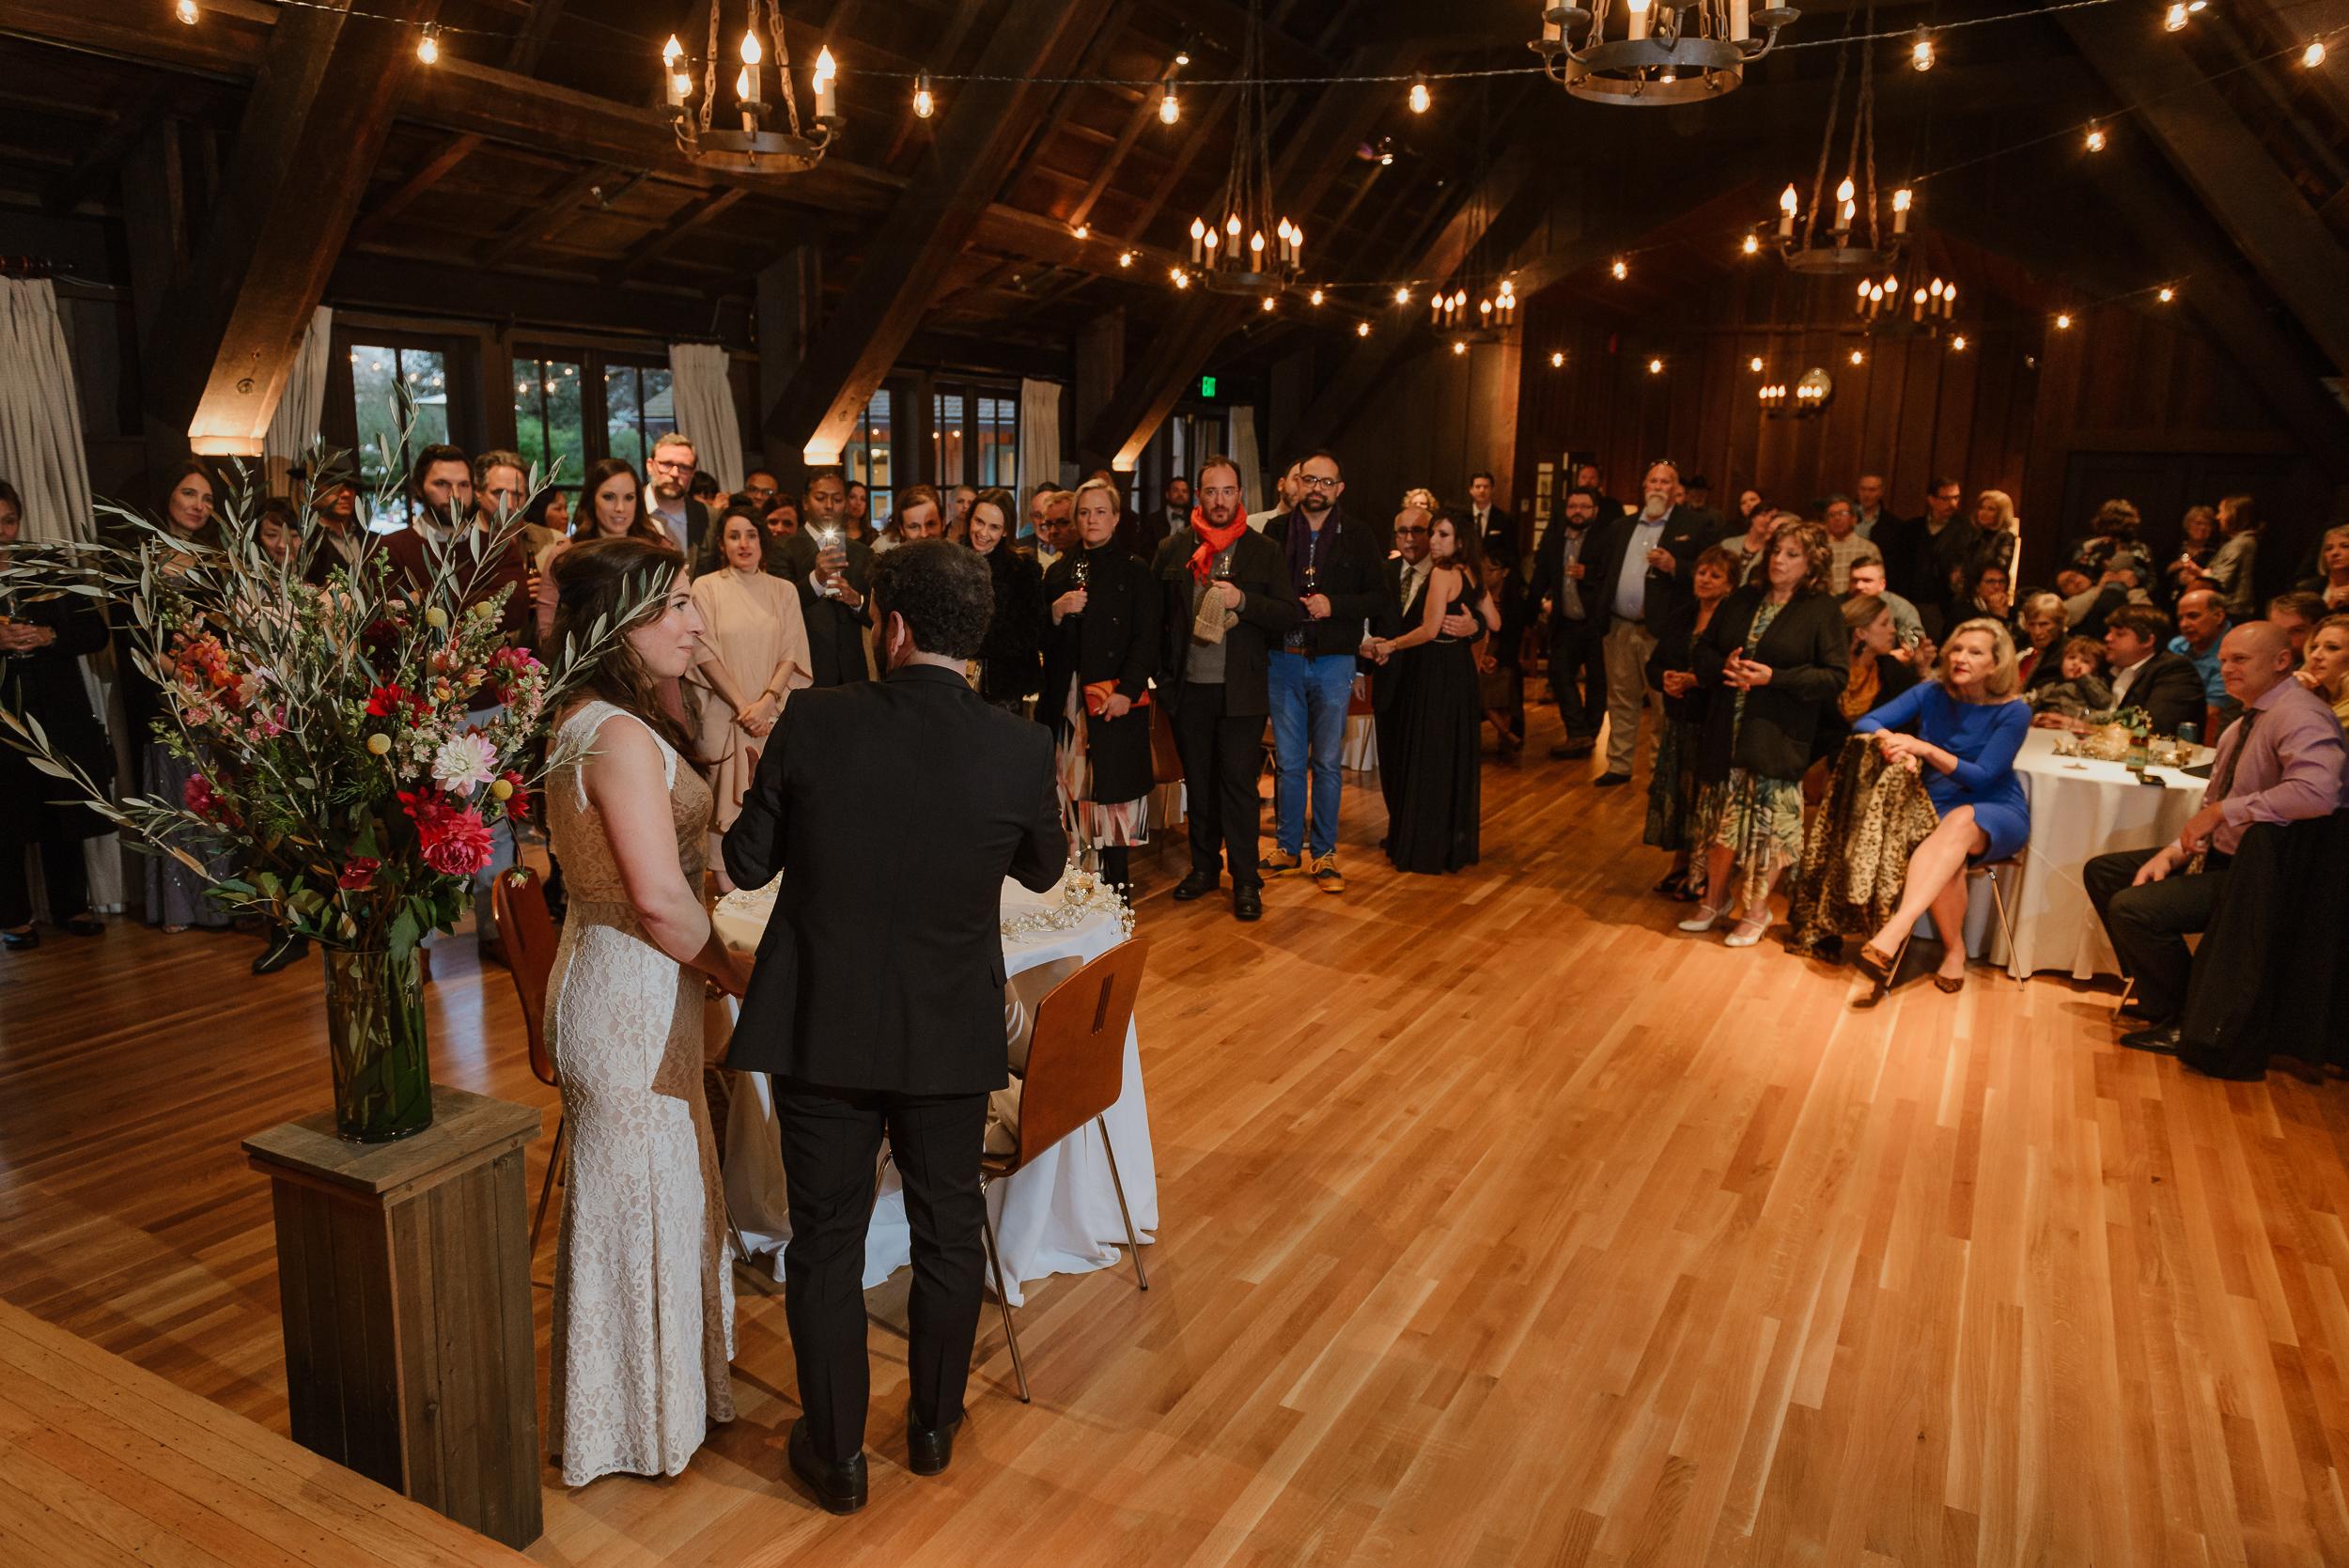 073winter-mill-valley-wedding-outdoor-art-club-wedding-vivianchen-417.jpg